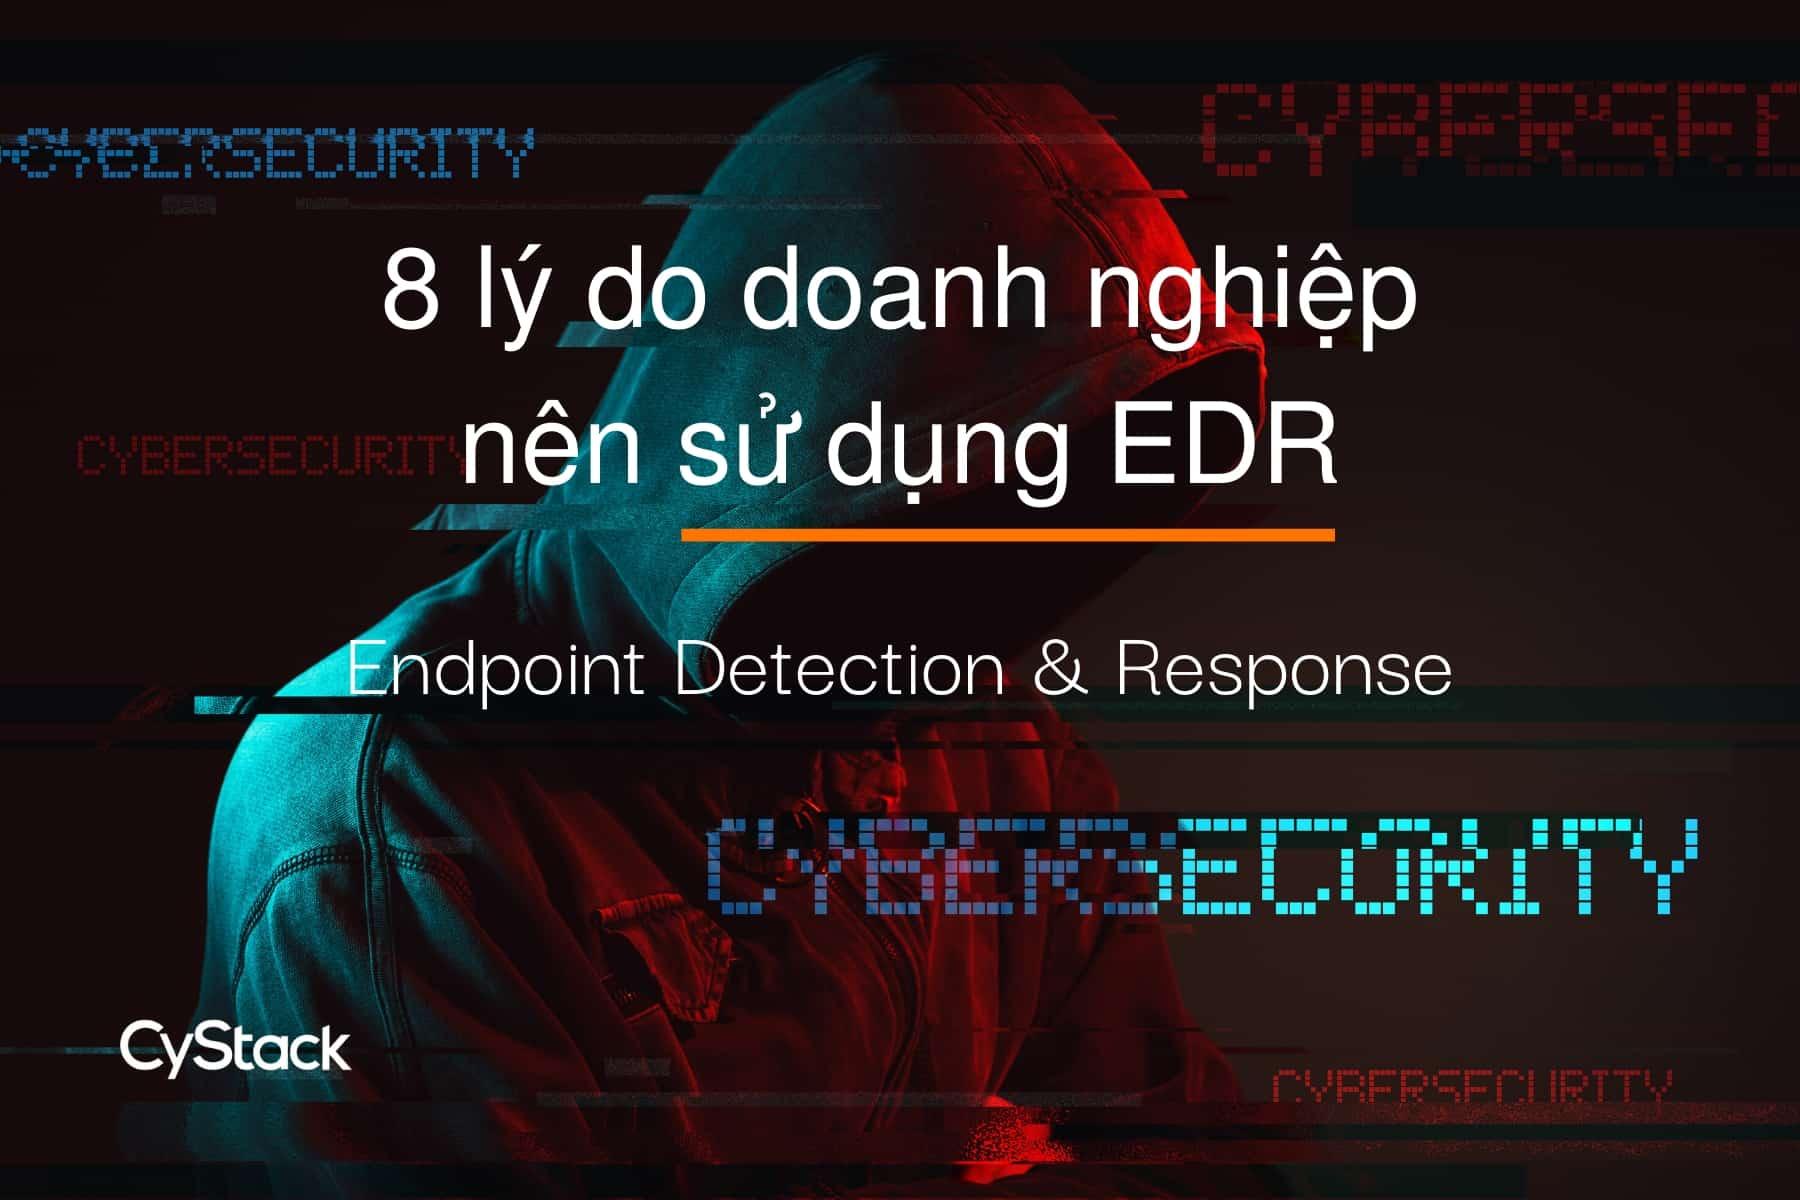 8 lợi ích của EDR với an ninh mạng doanh nghiệp